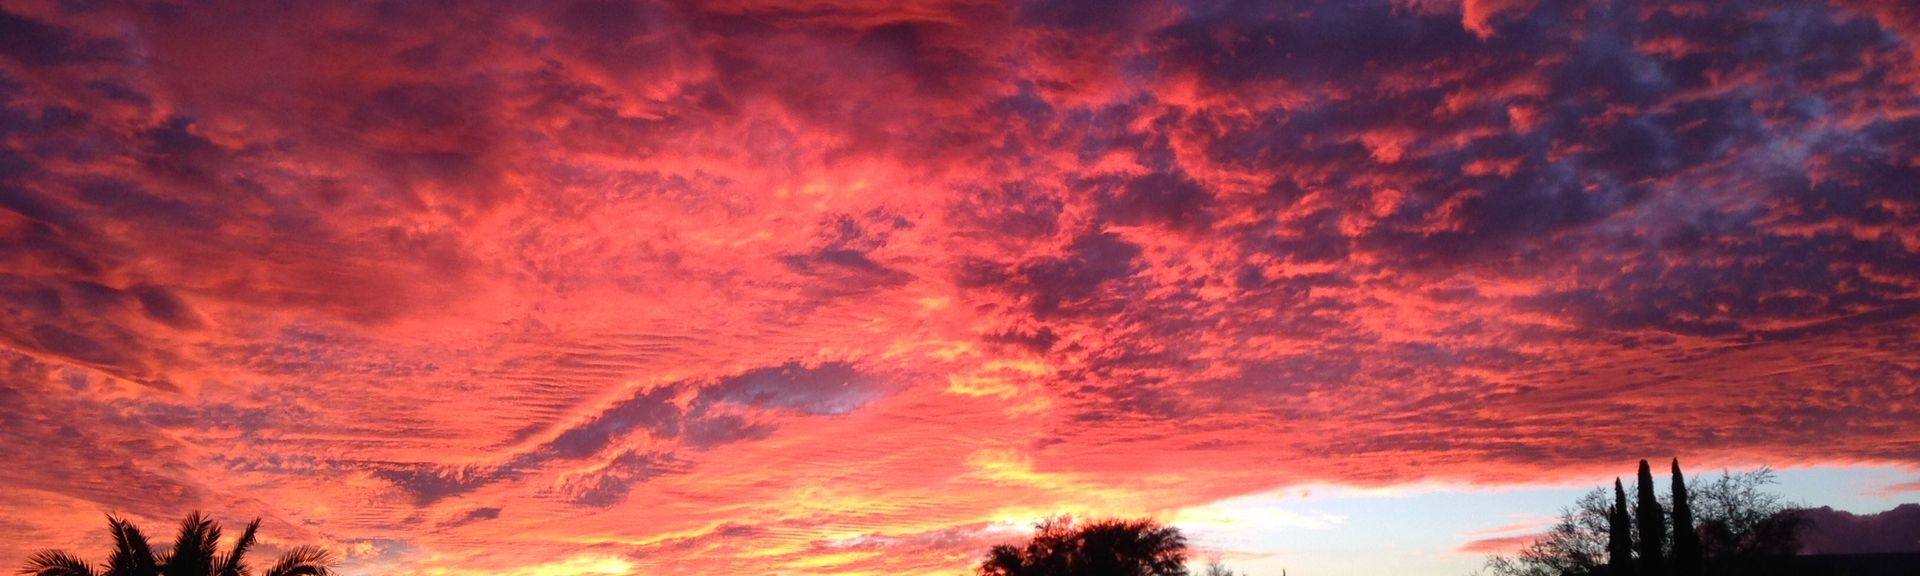 Green Valley, AZ, USA